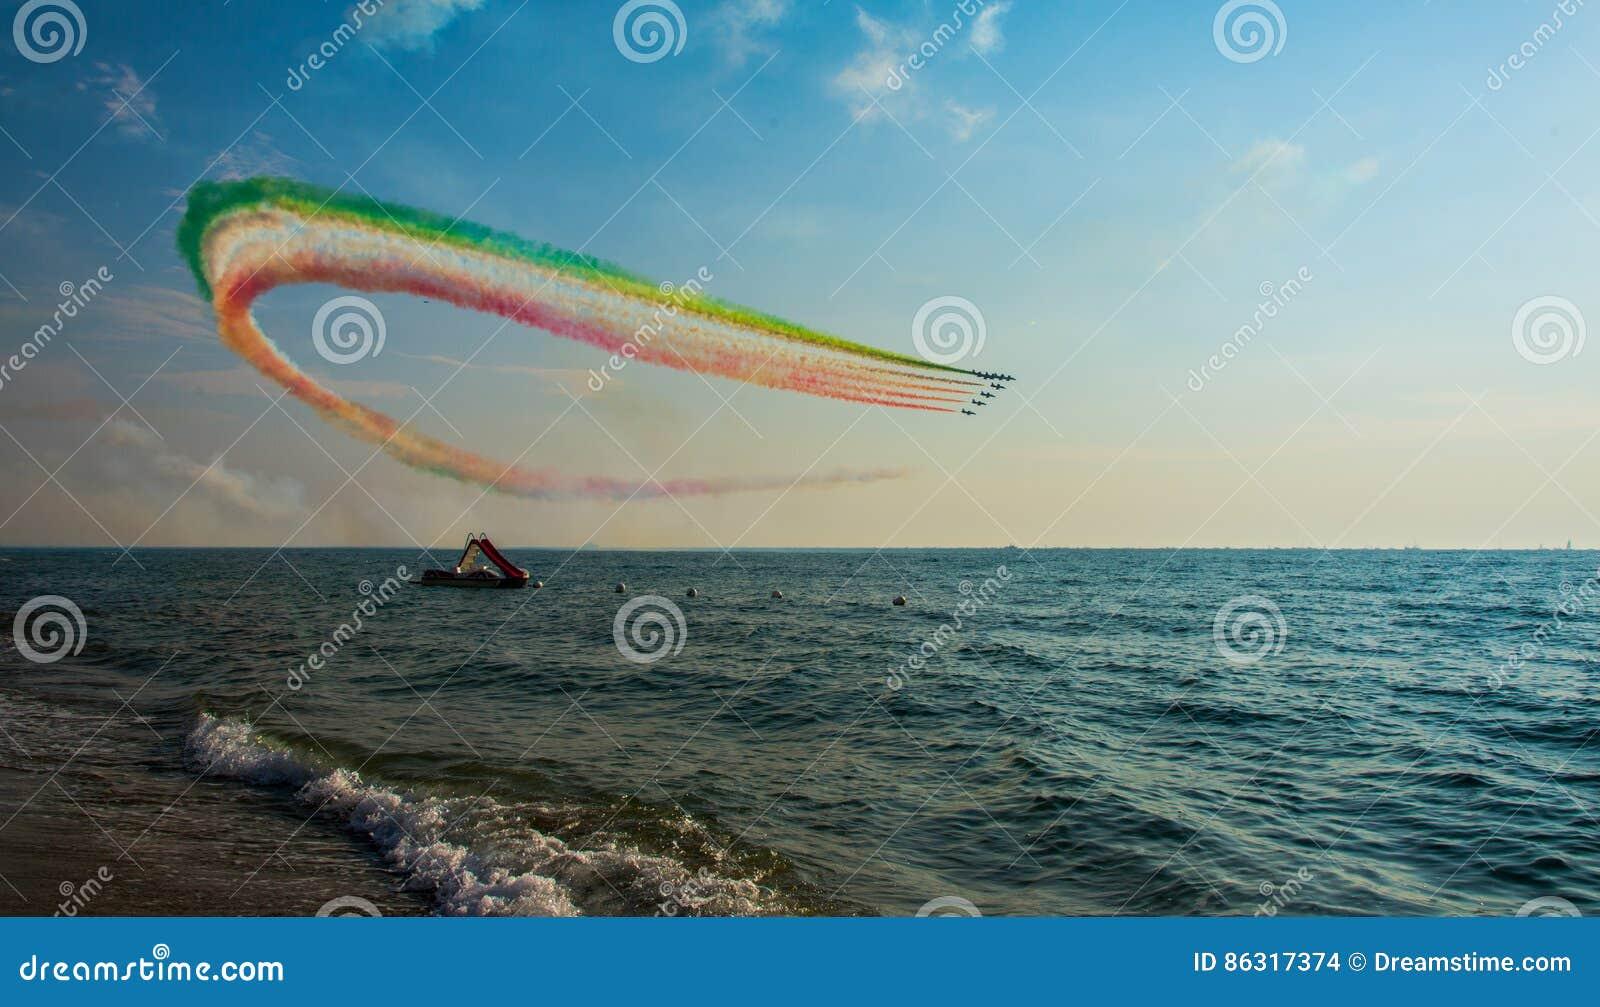 Frecce-tricolore